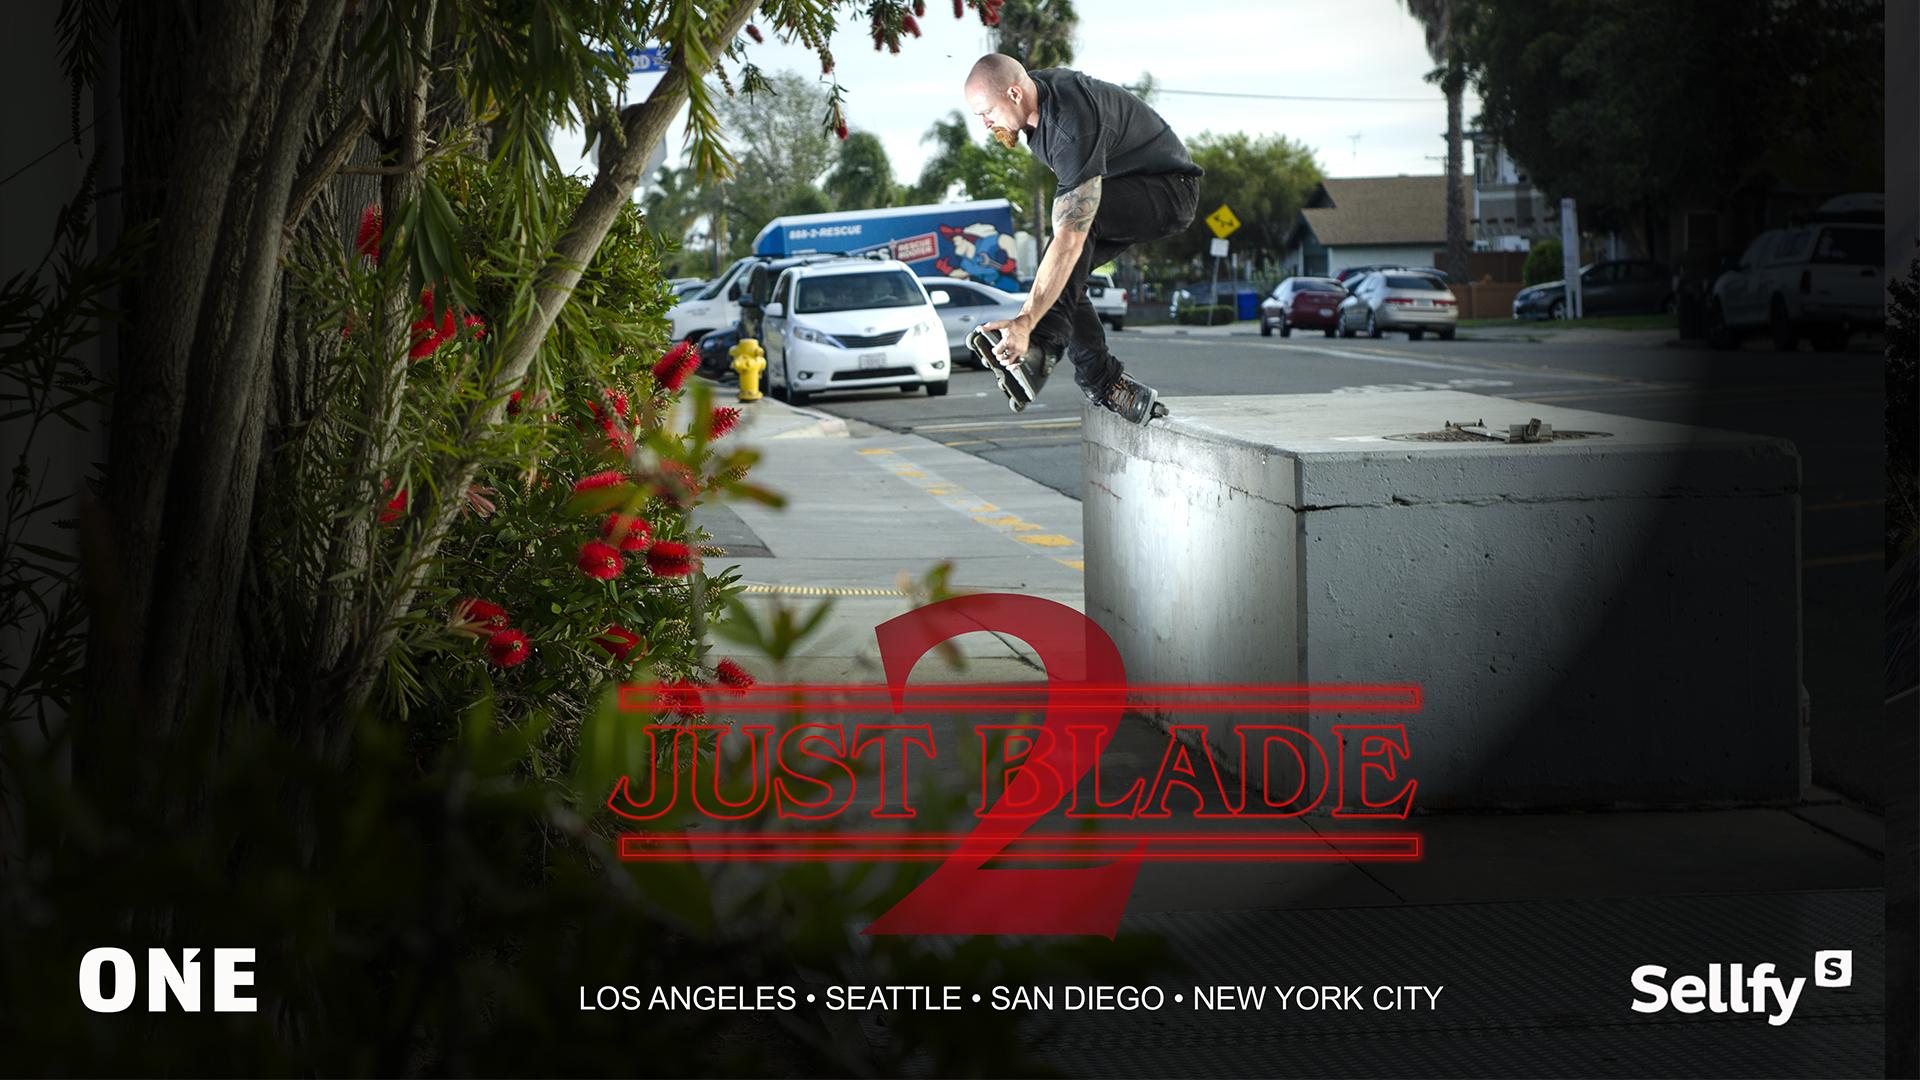 Just Blade 2: Derek Henderson Section